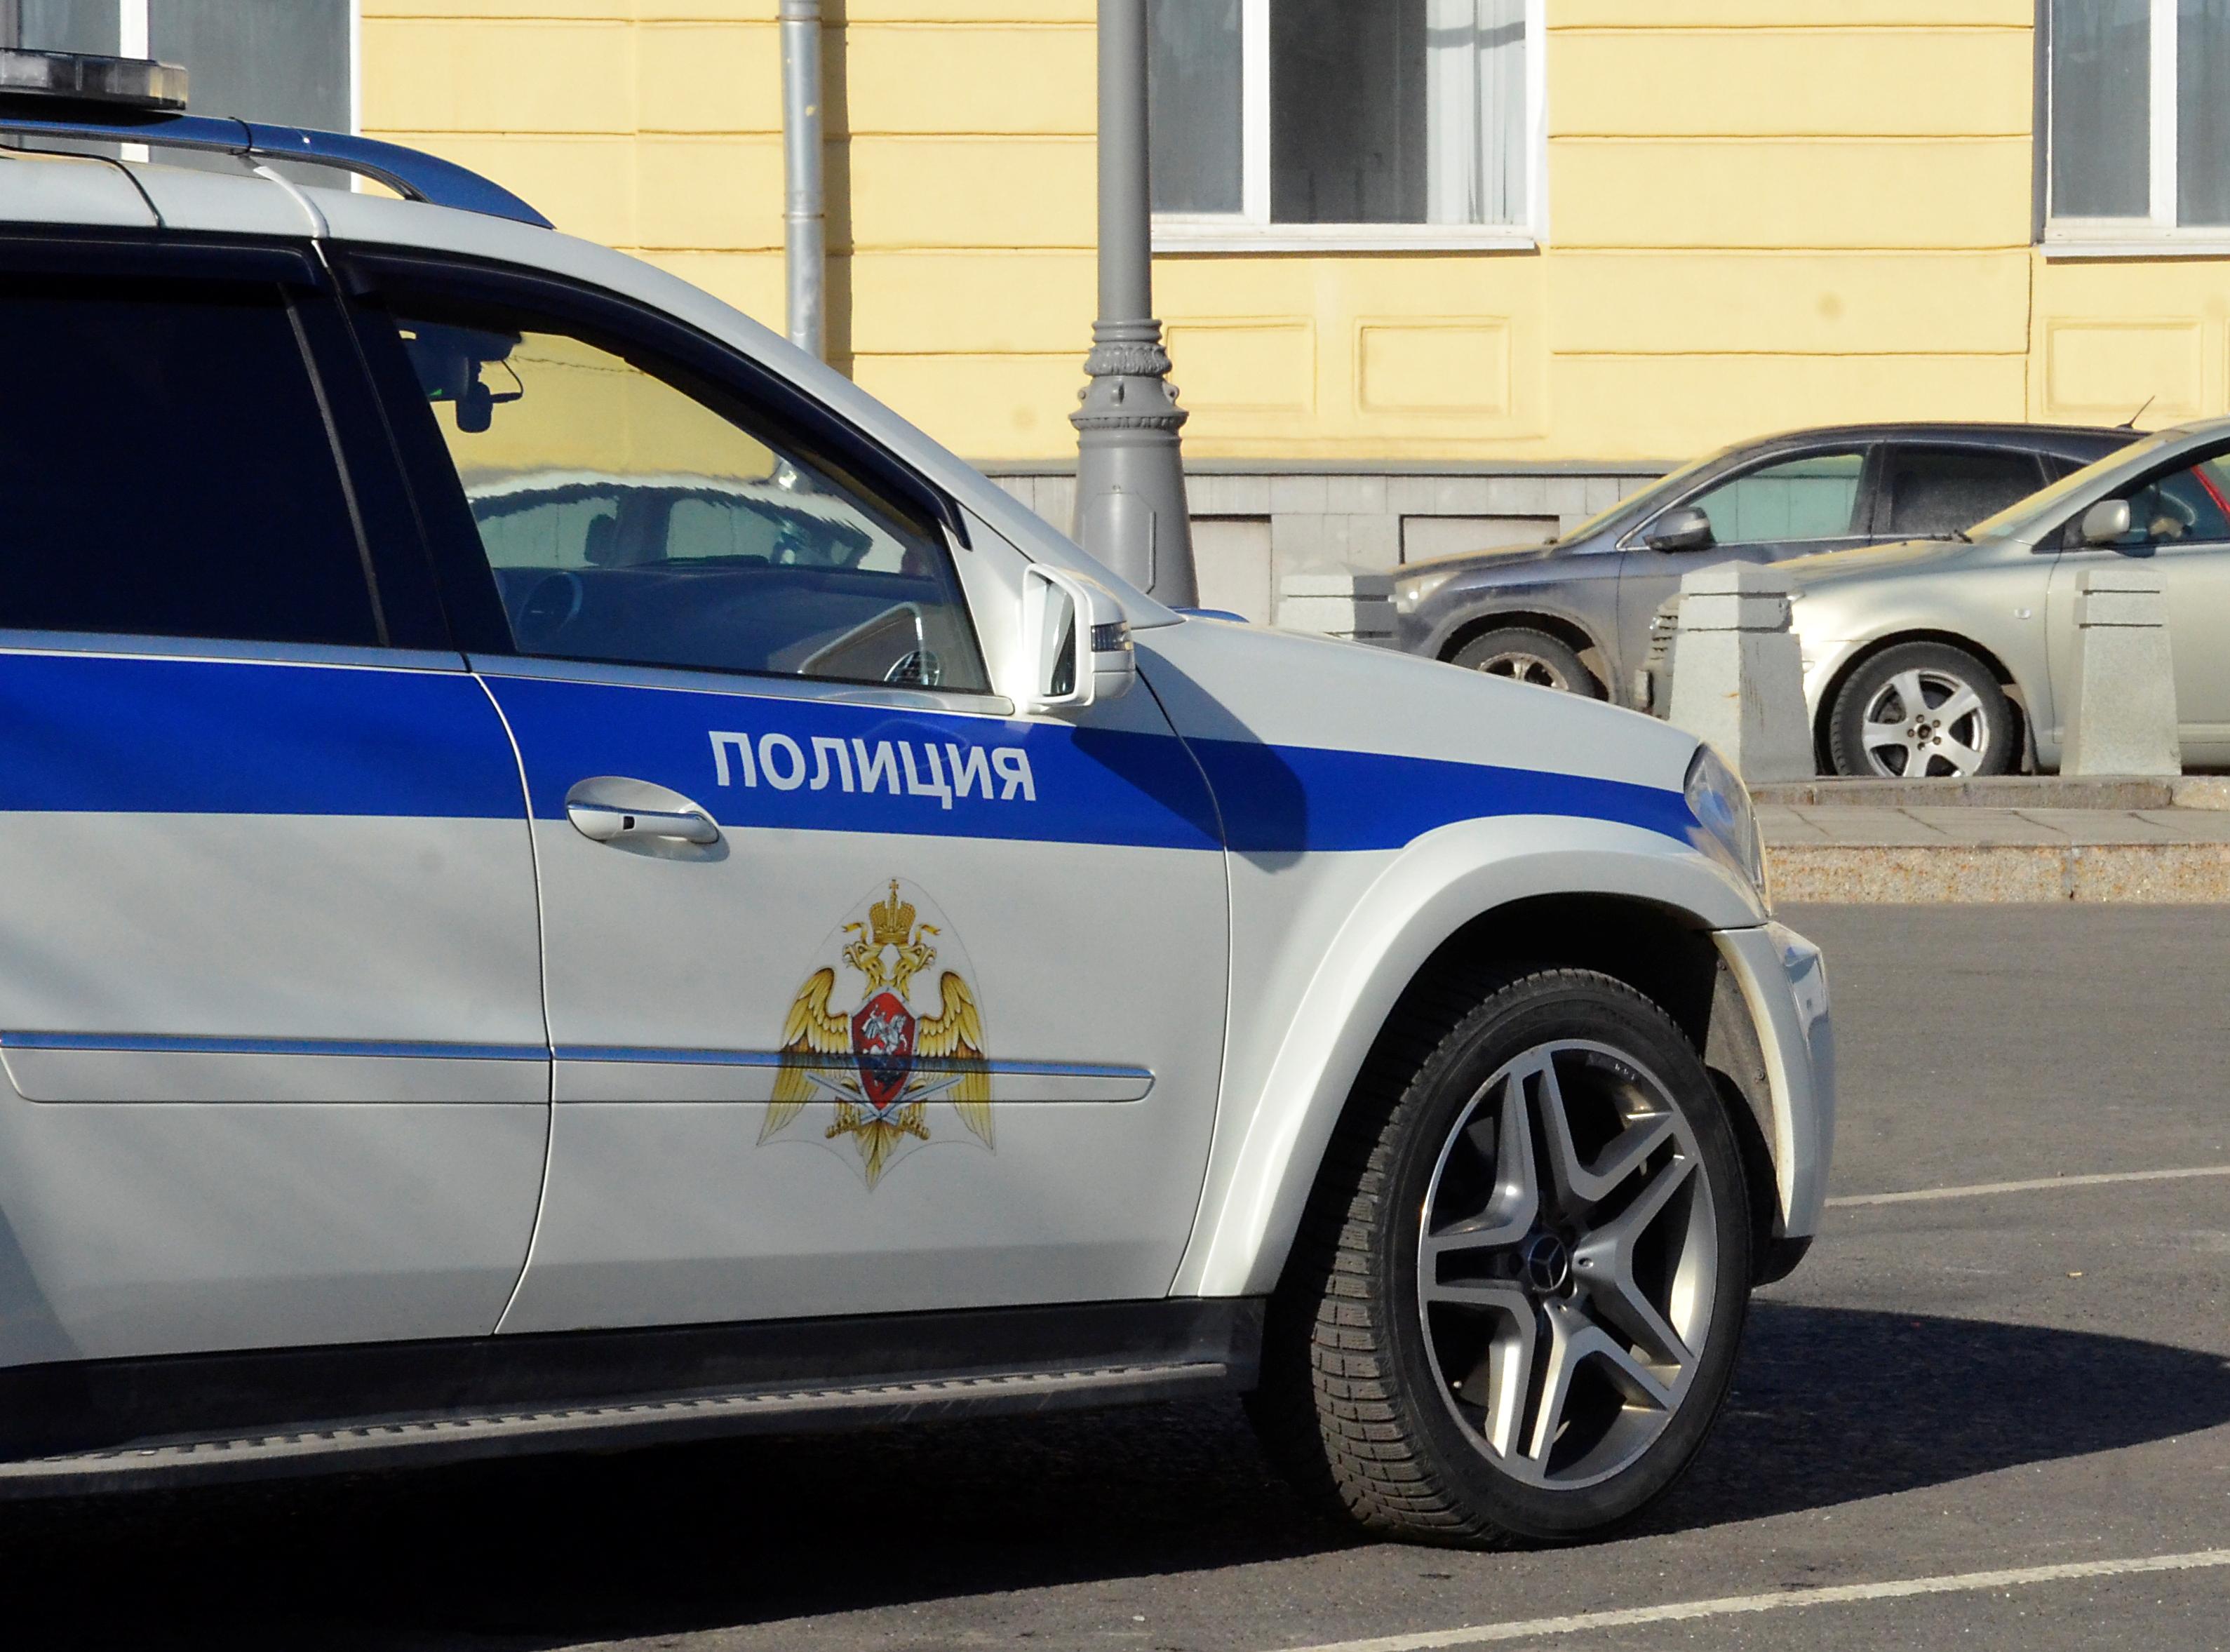 Полицейские района Чертаново Южное задержали подозреваемую в попытке сбыта героина